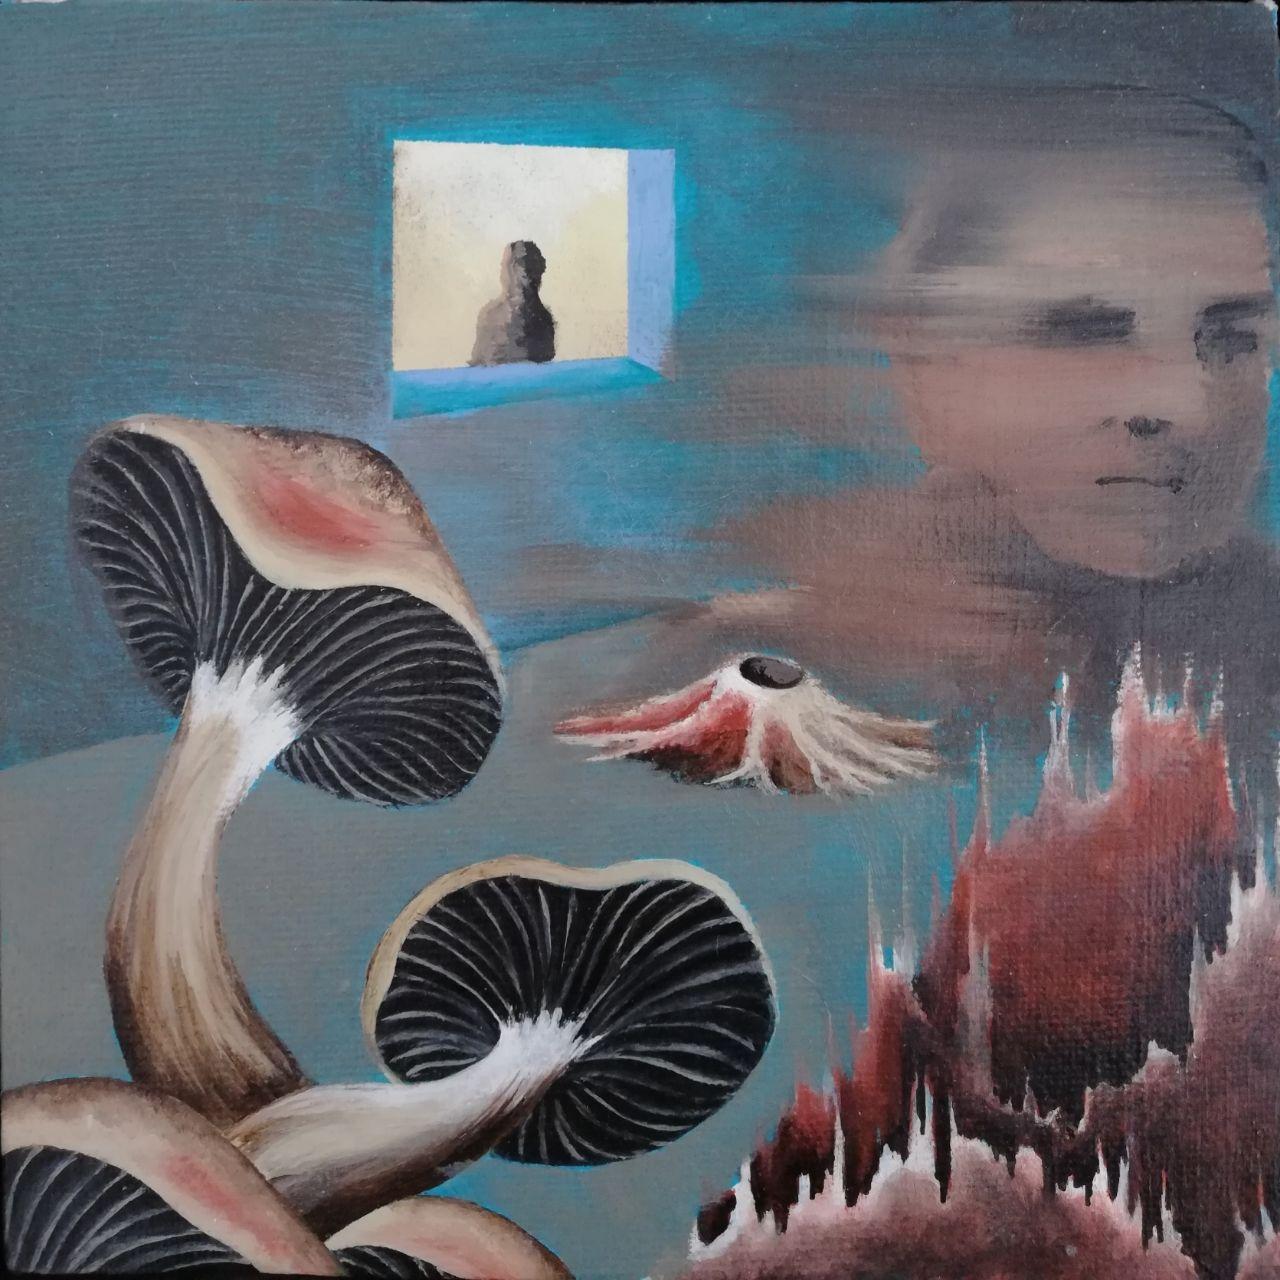 Shahryar auf beide Seiten, Öl und Acryl auf Leinwand,       10 x 10 cm